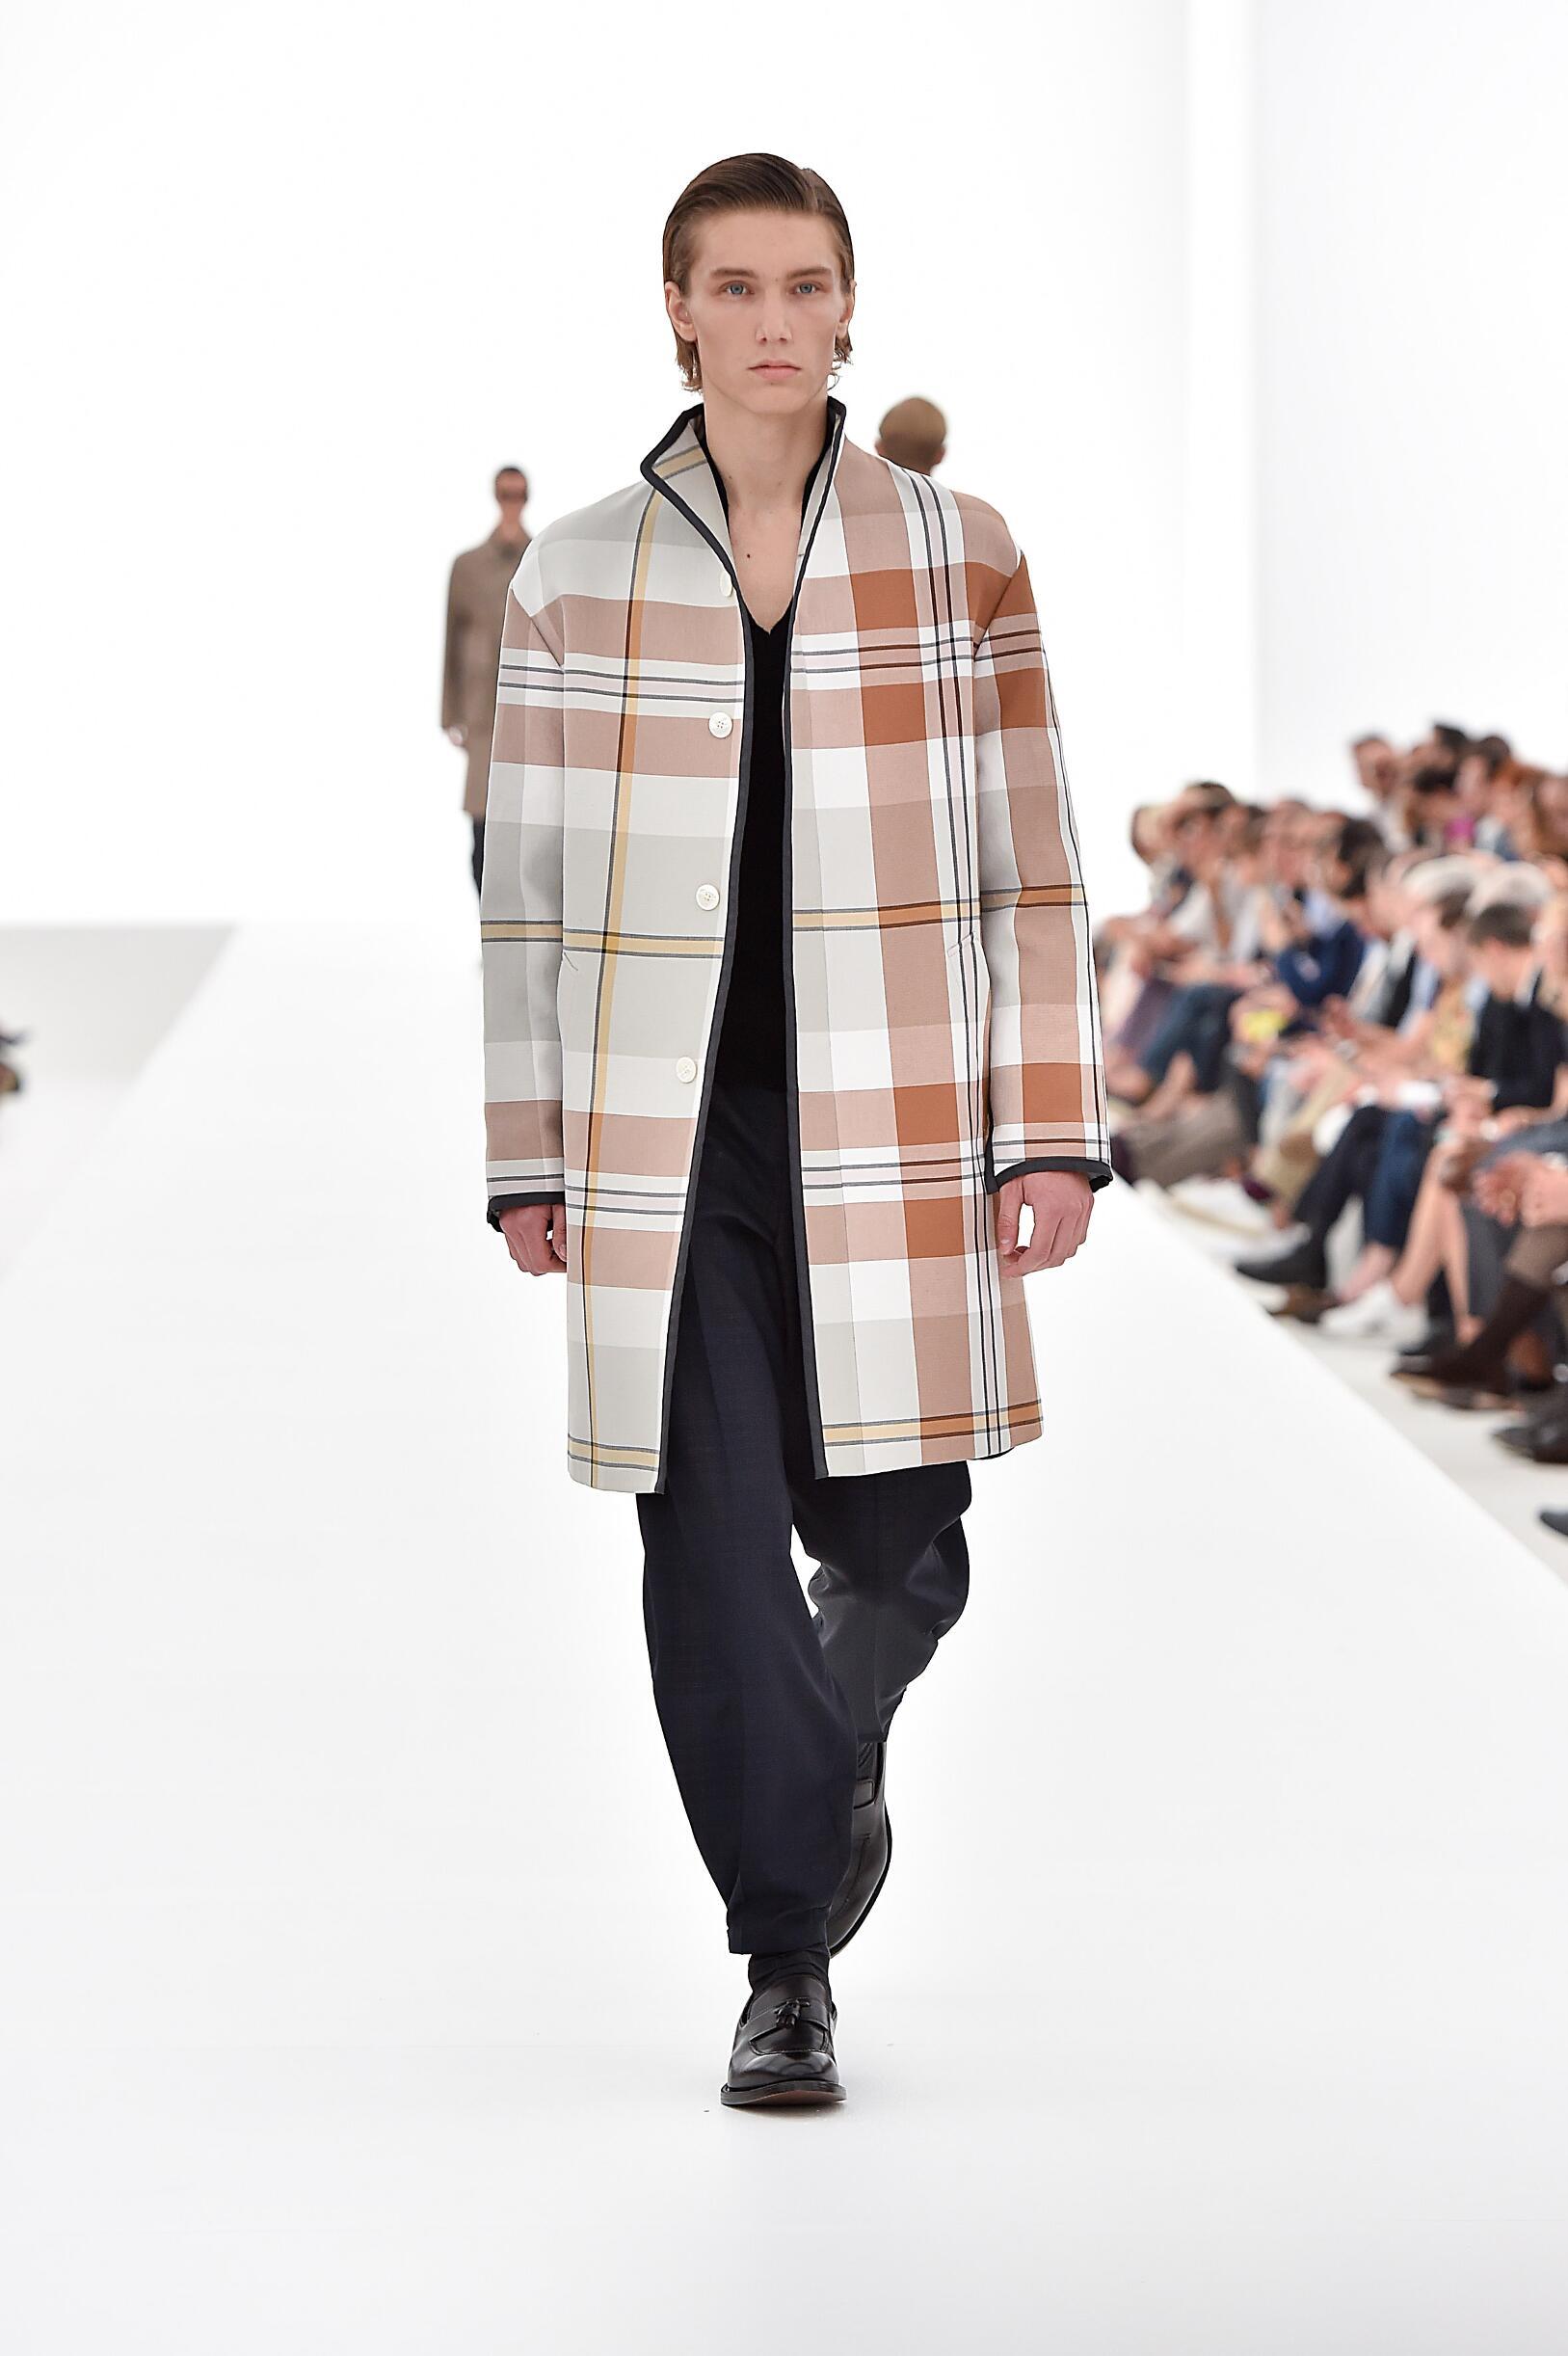 Ermenegildo Zegna Couture Collection Fashion Trends